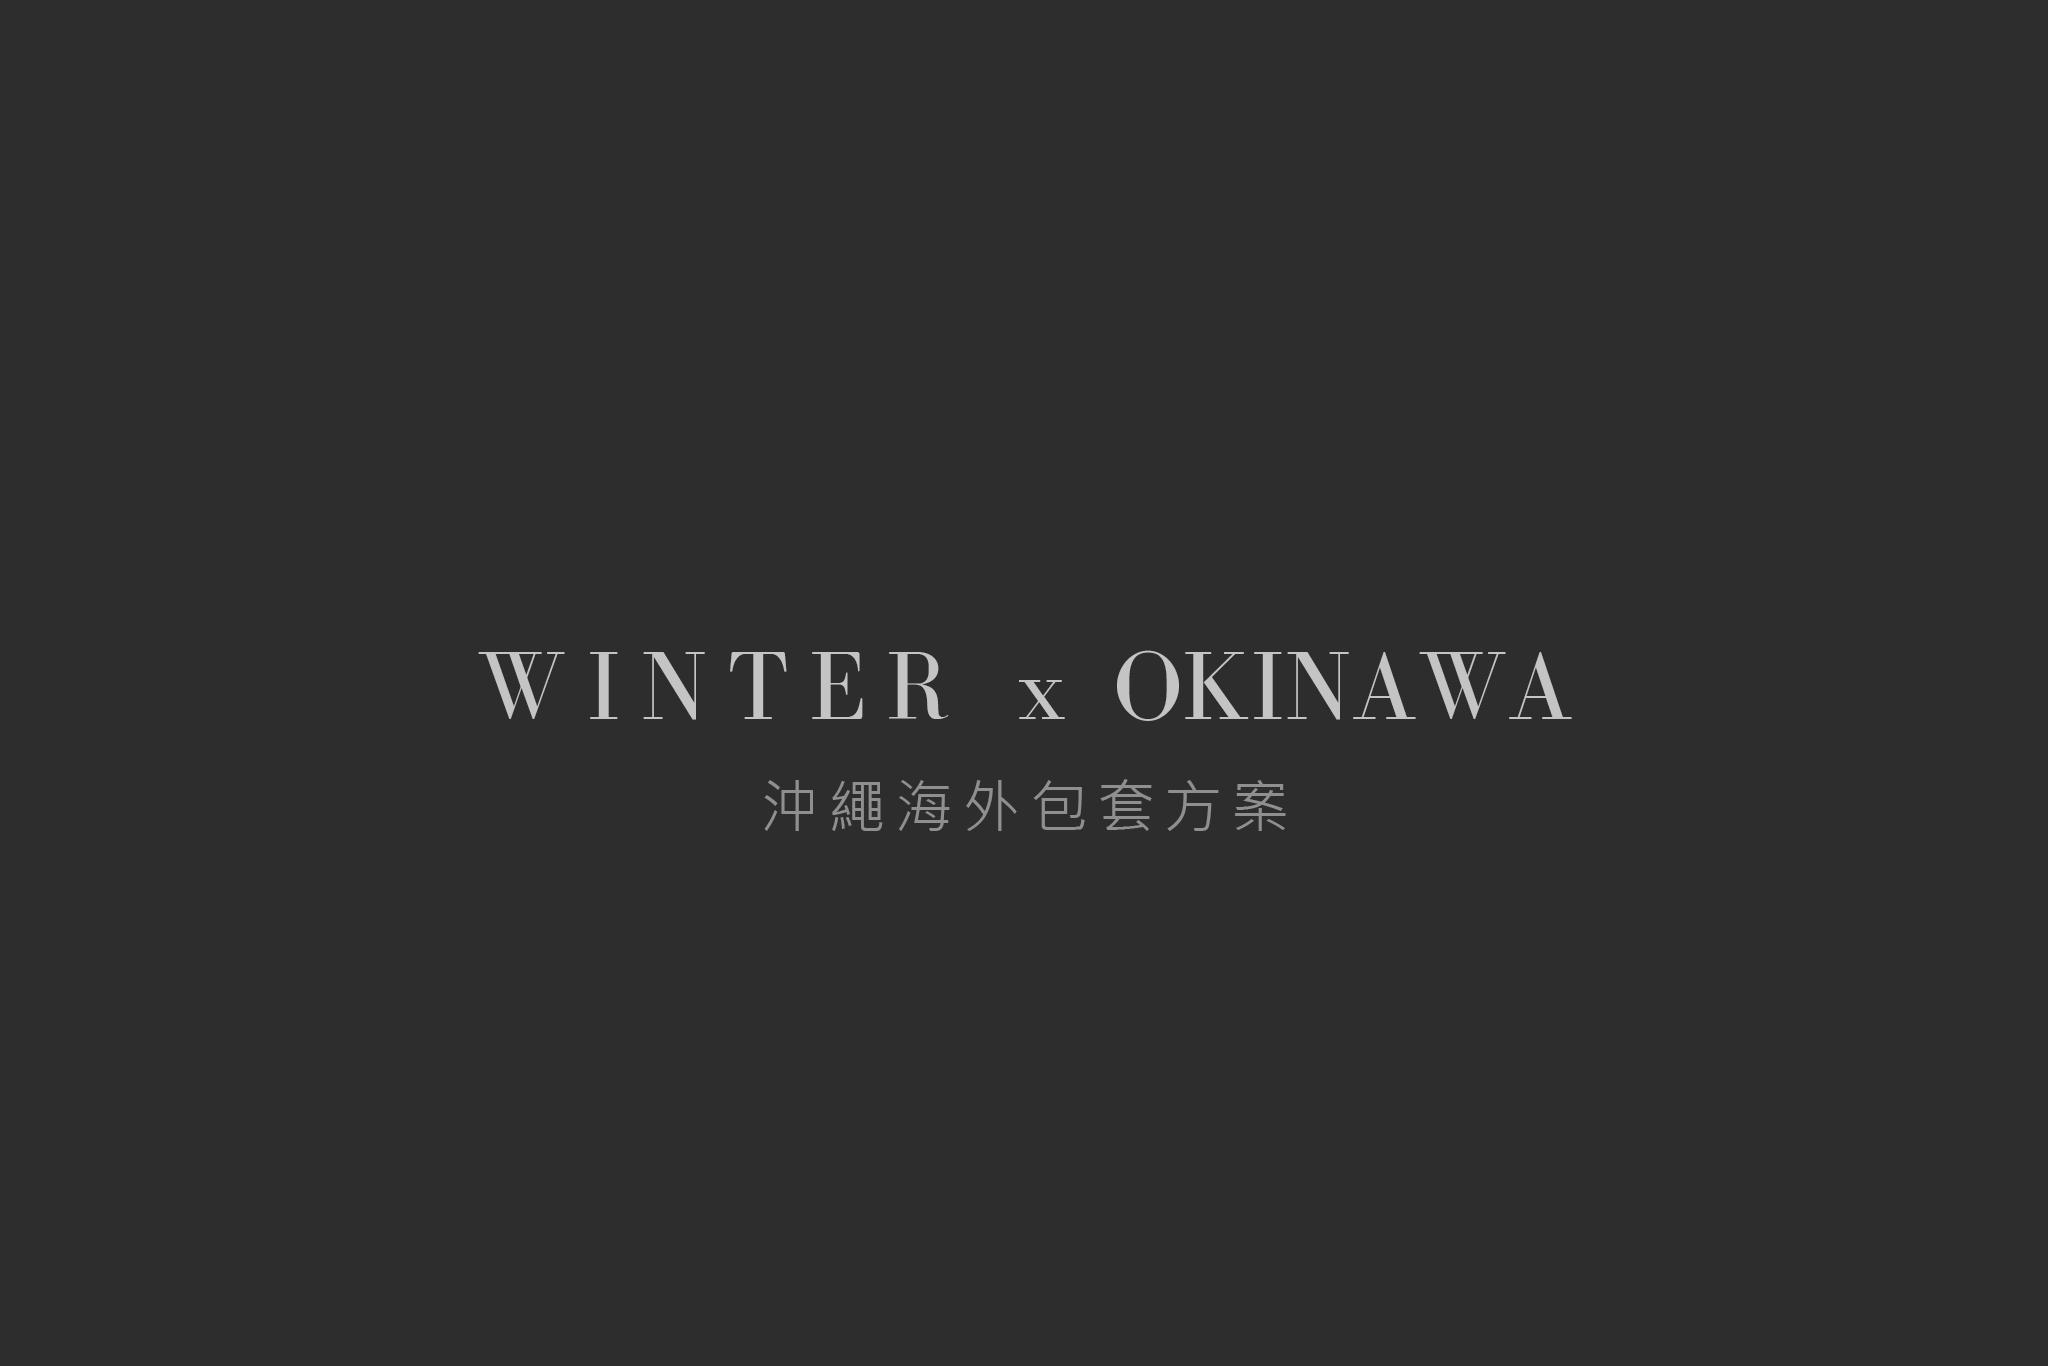 海外婚紗 x Okinawa 沖繩